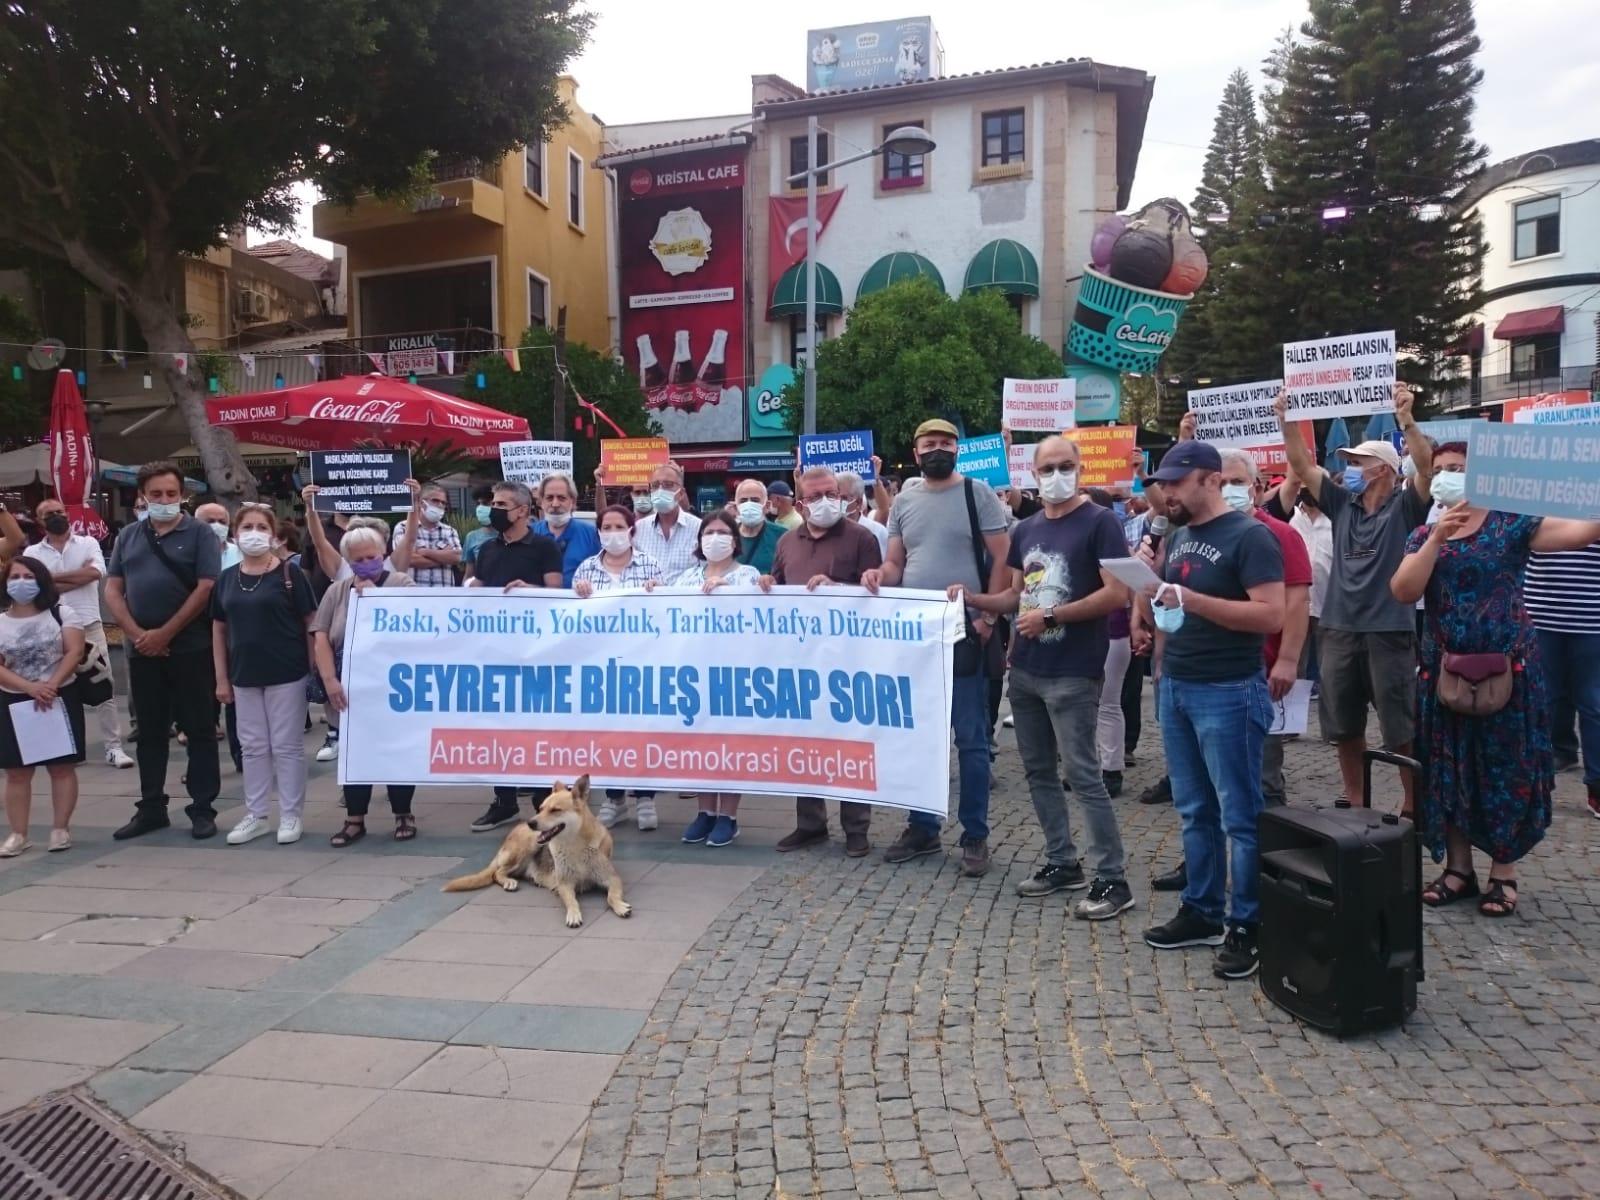 Antalya Emek ve Demokrasi Güçleri: Mafya Düzeninin Tuğlasını Emekçiler Çekecek